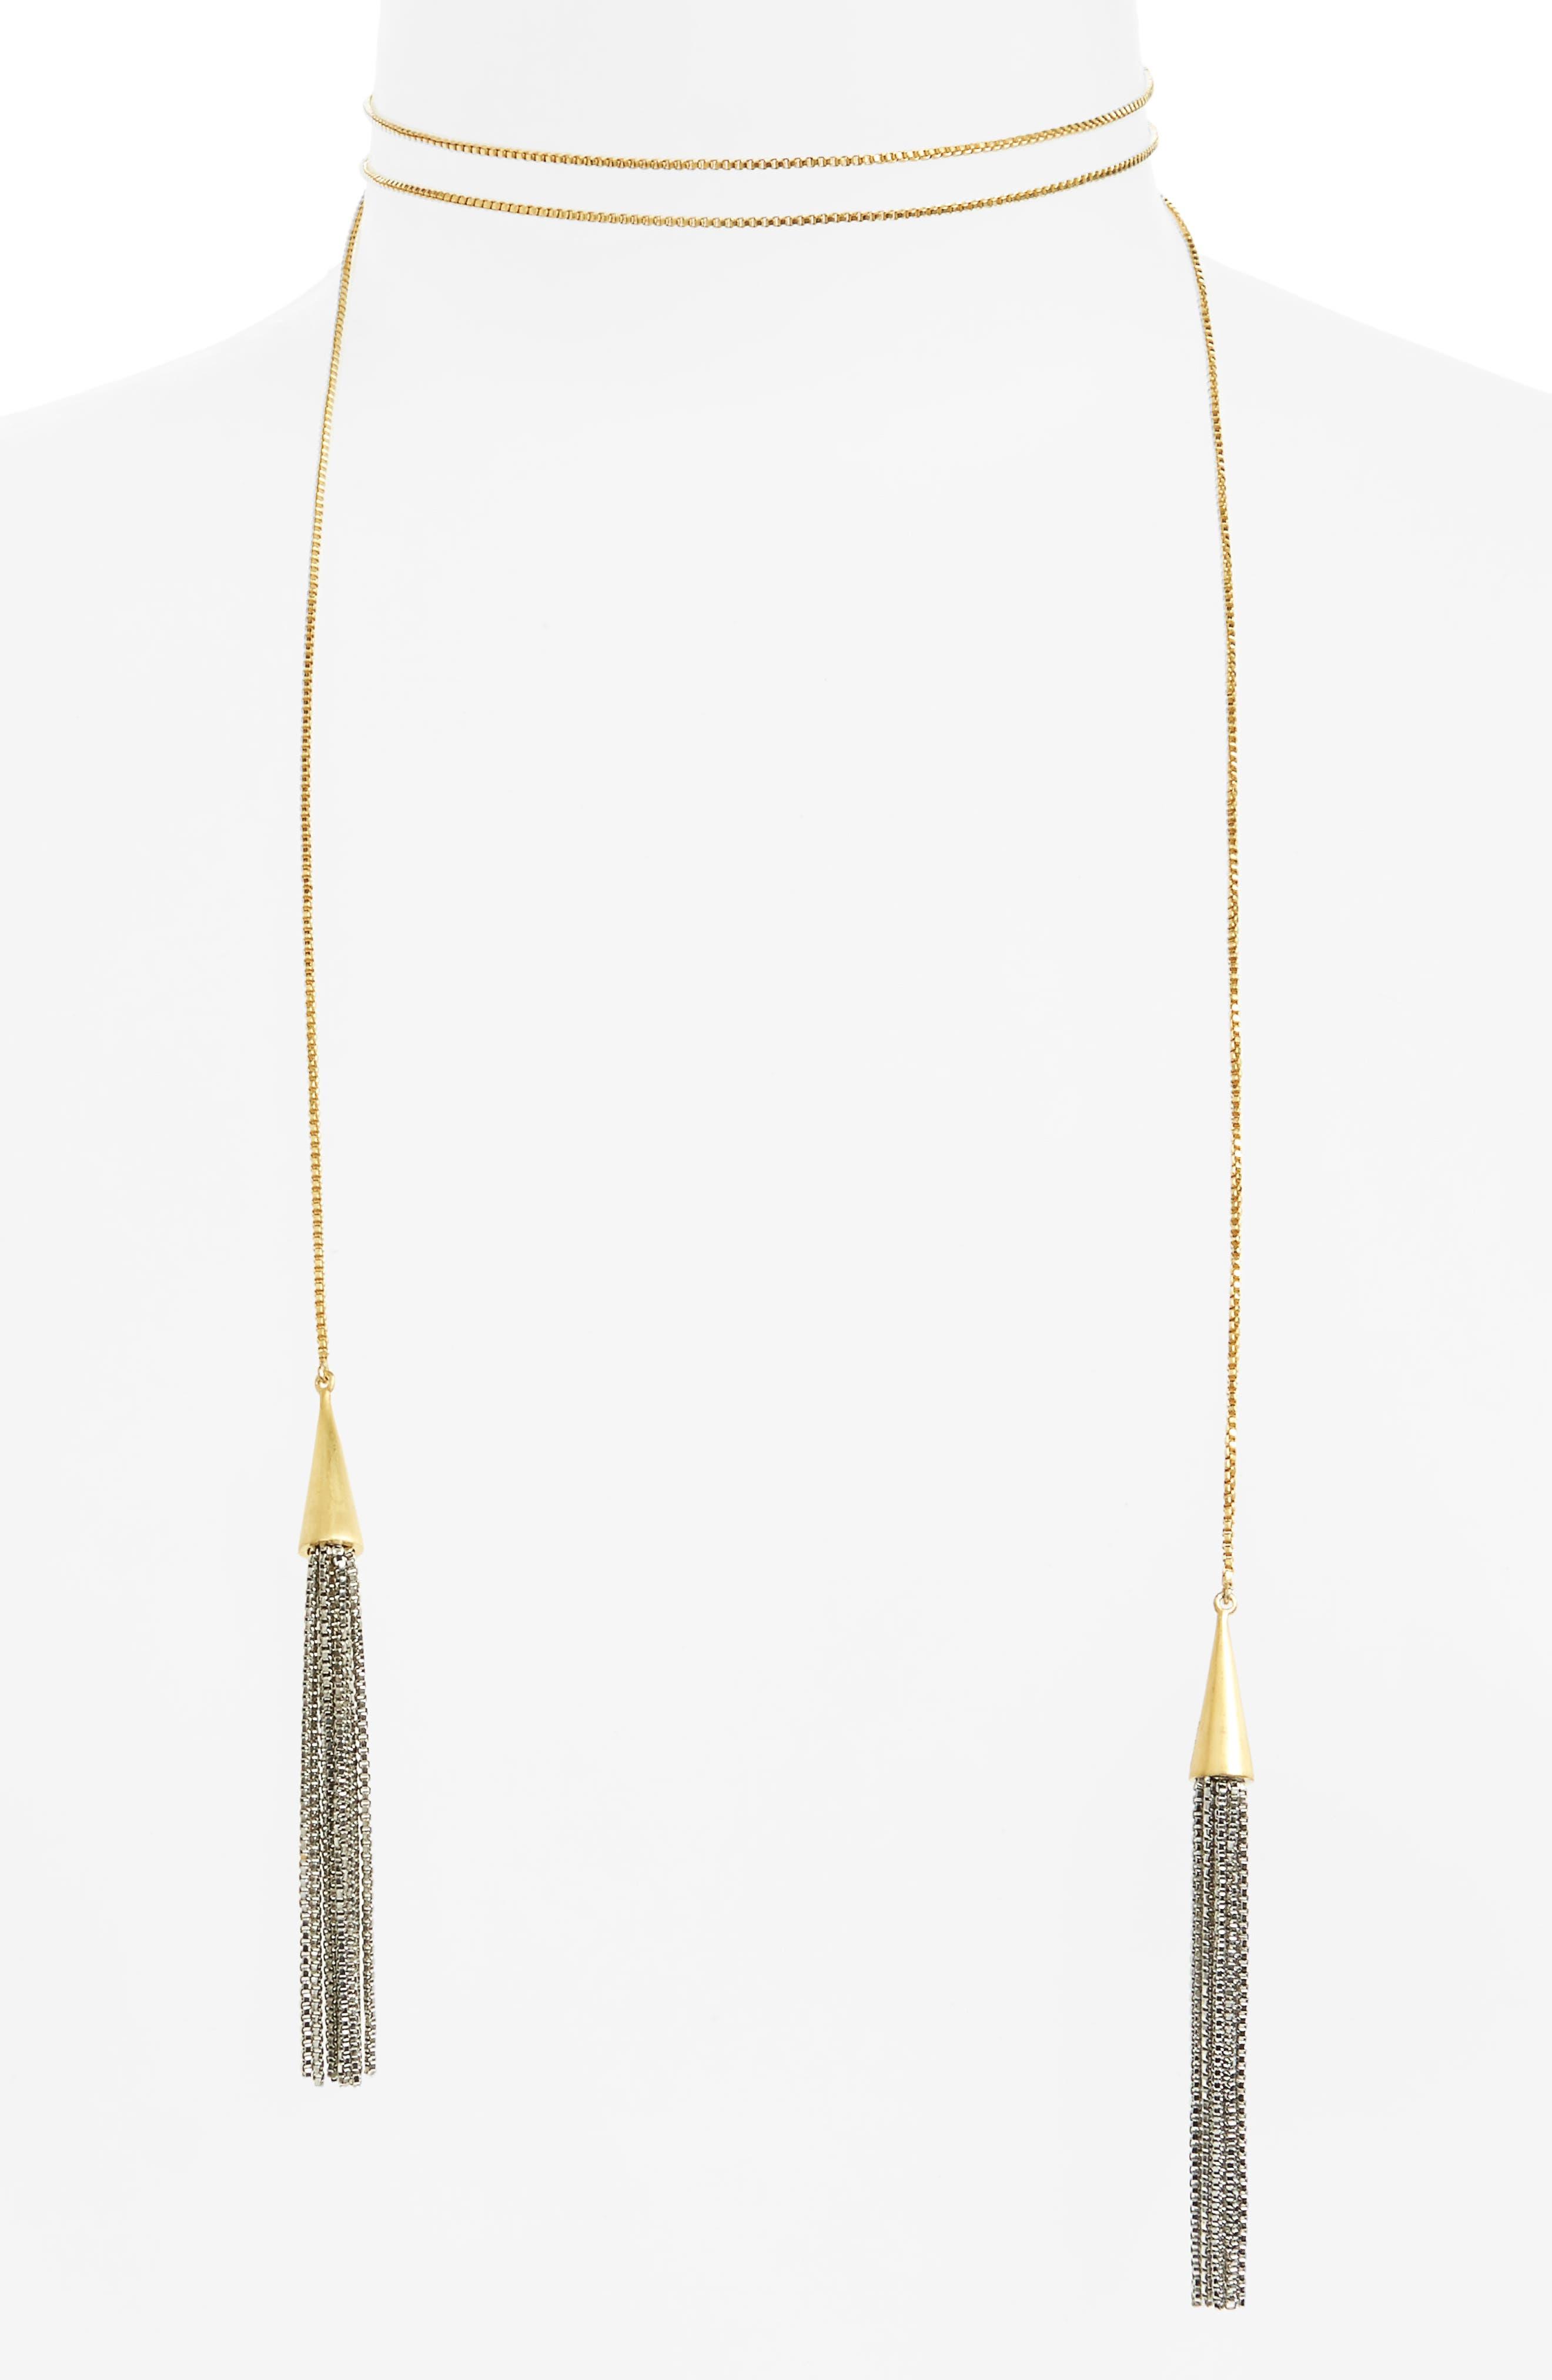 DEAN DAVIDSON Tassel Lariat Necklace